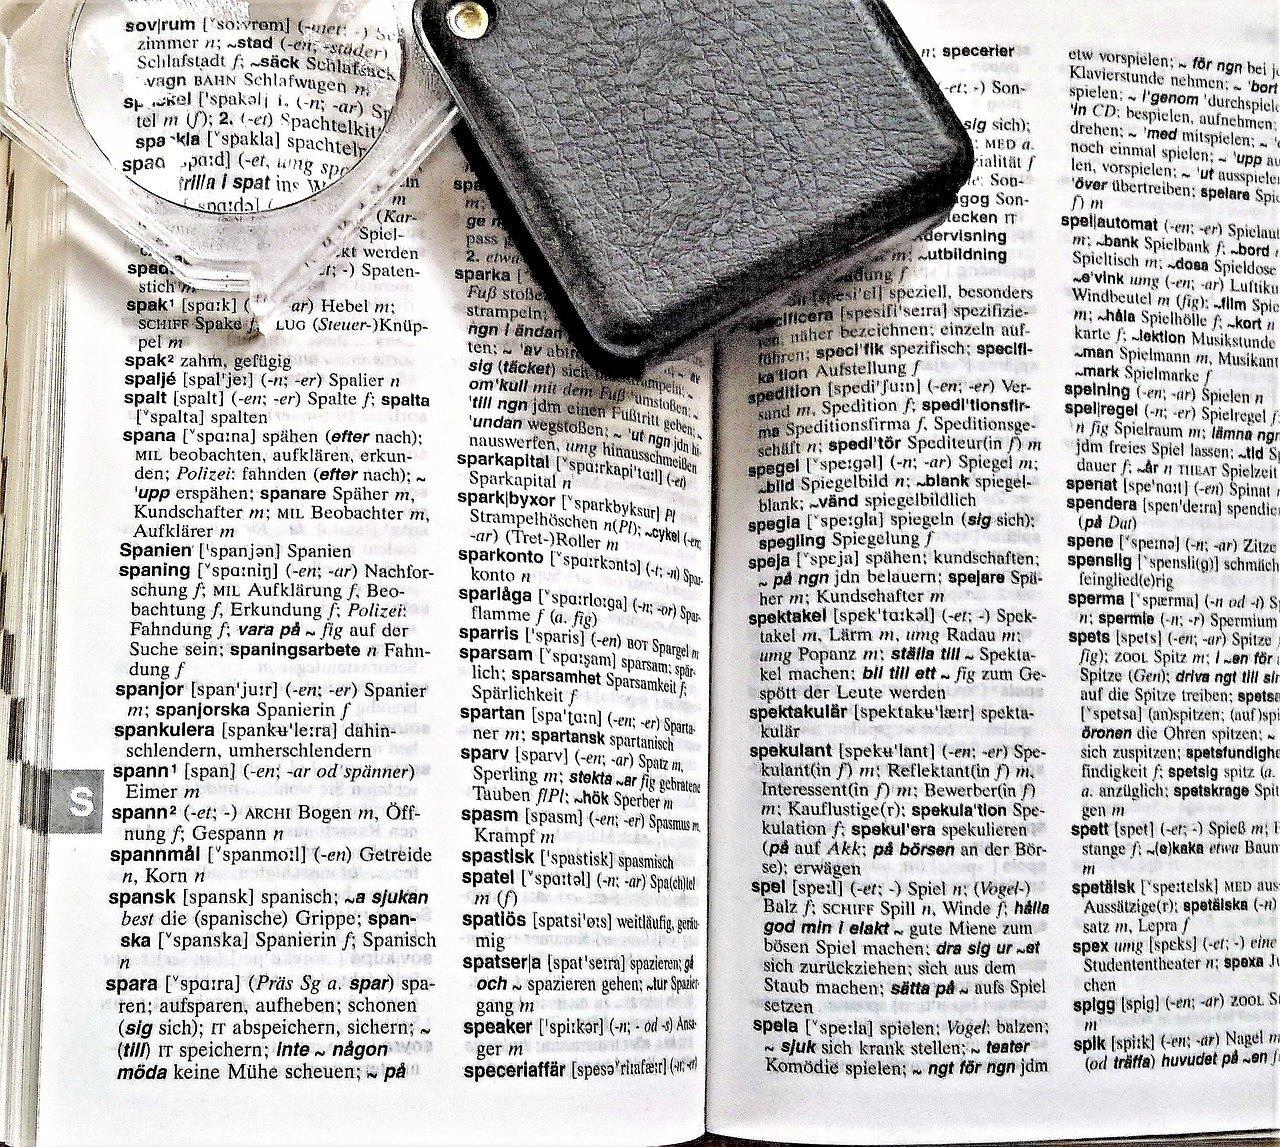 Biuro tłumaczeń: jakie tłumaczenia można uzyskać?